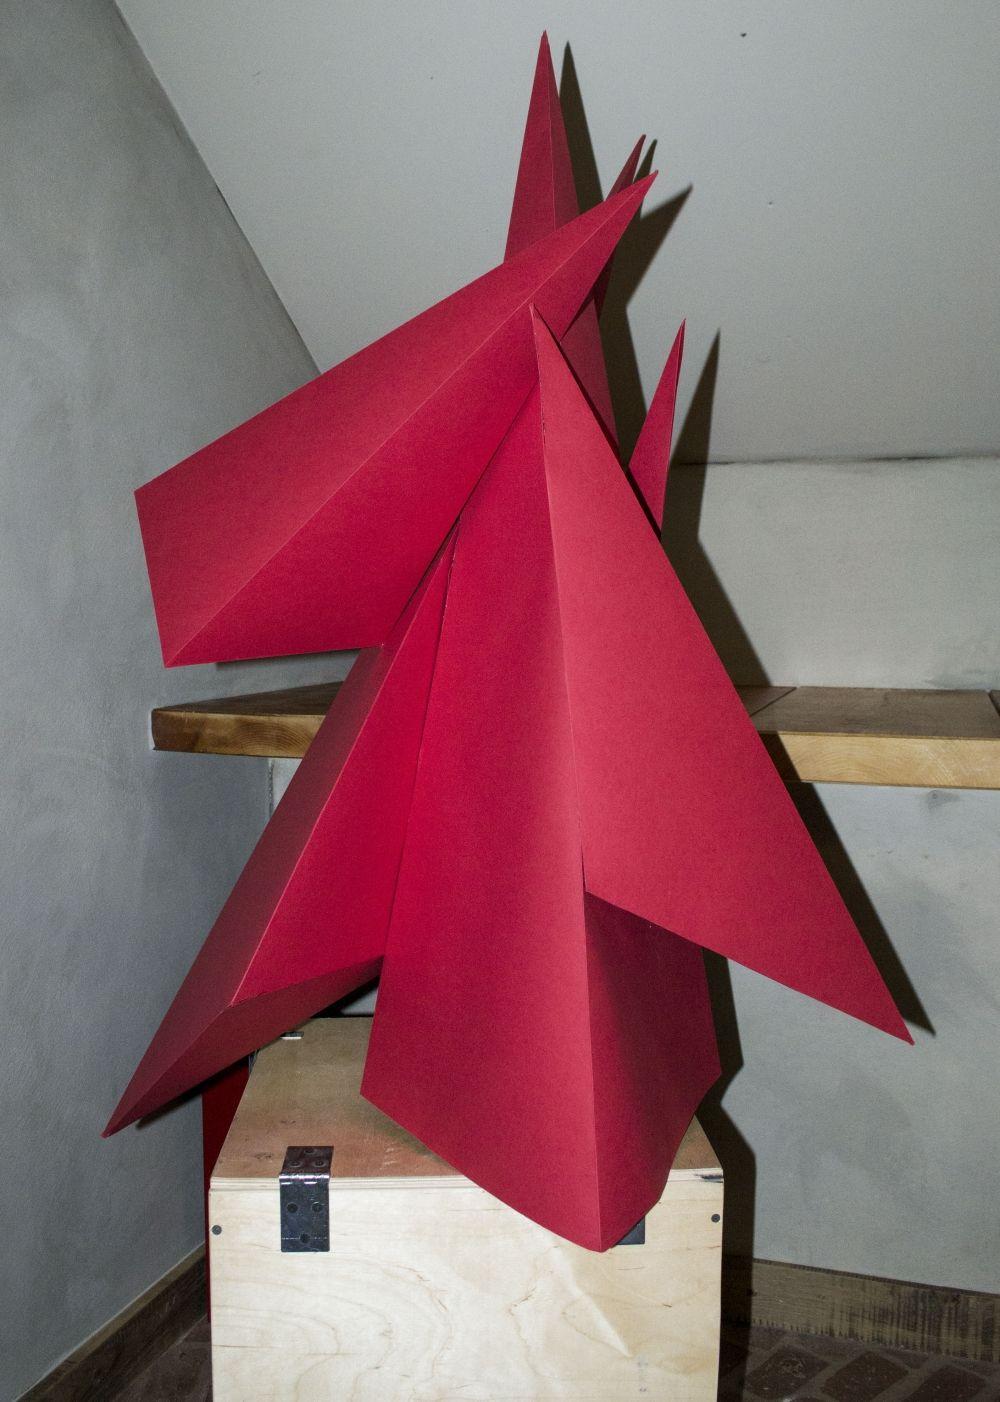 Ёлка «Полигонал» из бумаги от известного волгоградского дизайнера Александры Матохиной.